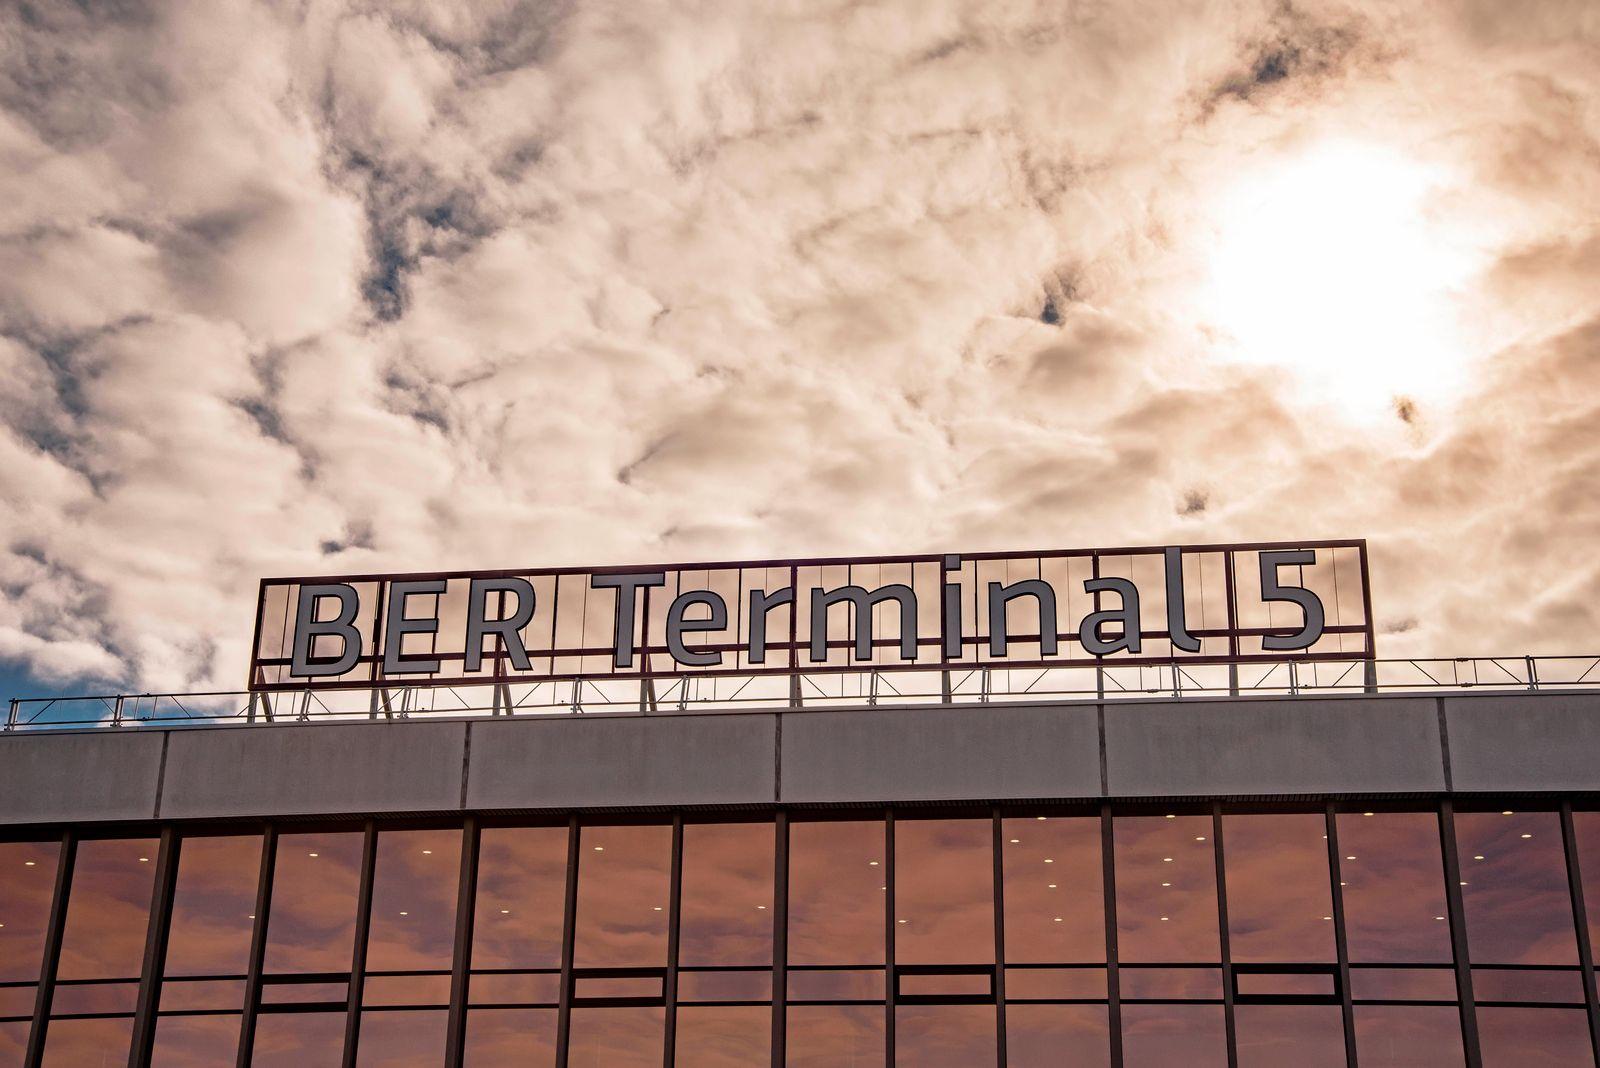 17 . 10 . 2020 , Schönefeld : BER Terminal 5 - so heisst der neue Schriftzug auf dem Abfertigungsgebäude des alten Flug